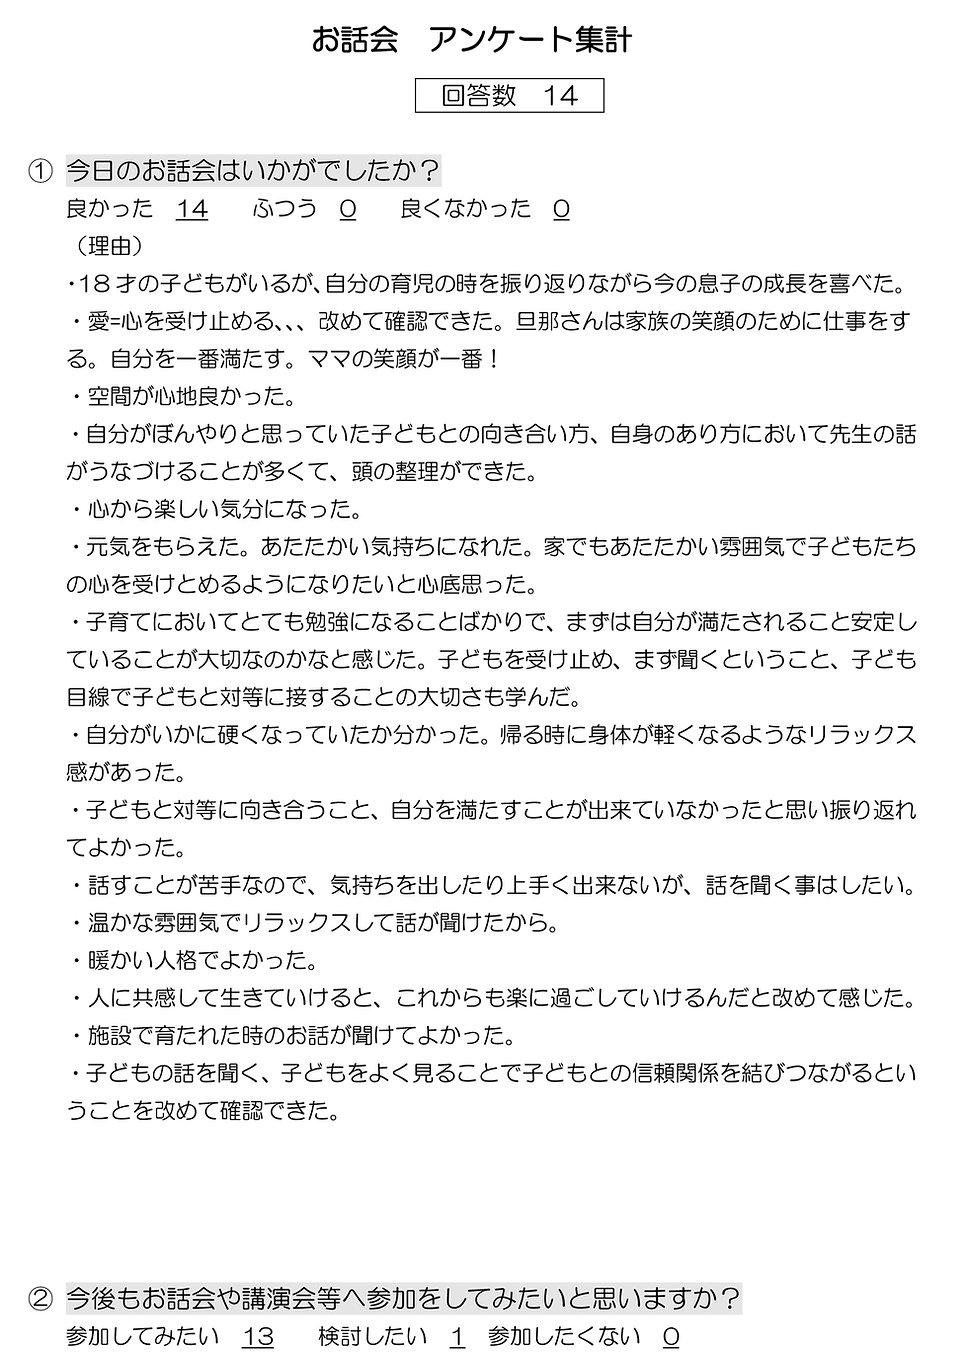 平成31年1月24日えびちゃんぬくもりサロンin岐阜アンケート集計-1.jpg